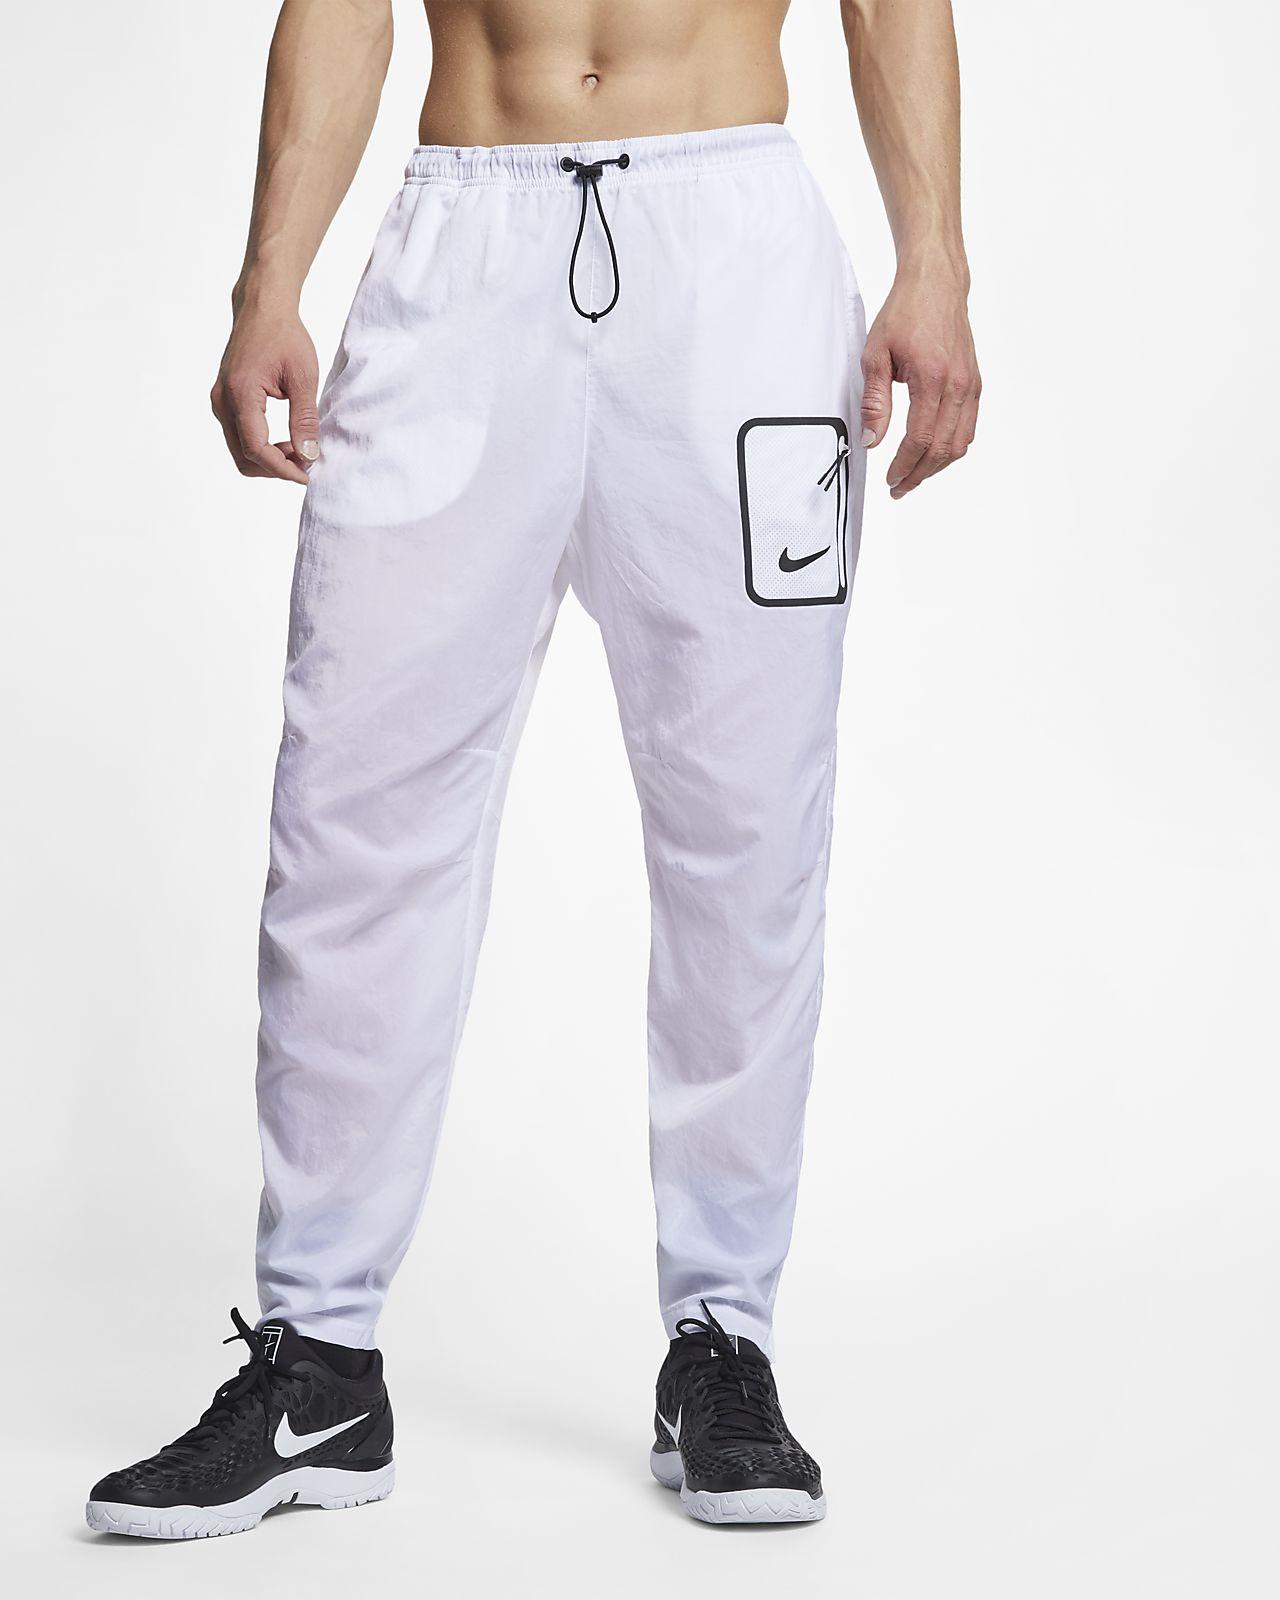 Pantaloni da tennis NikeCourt - Uomo